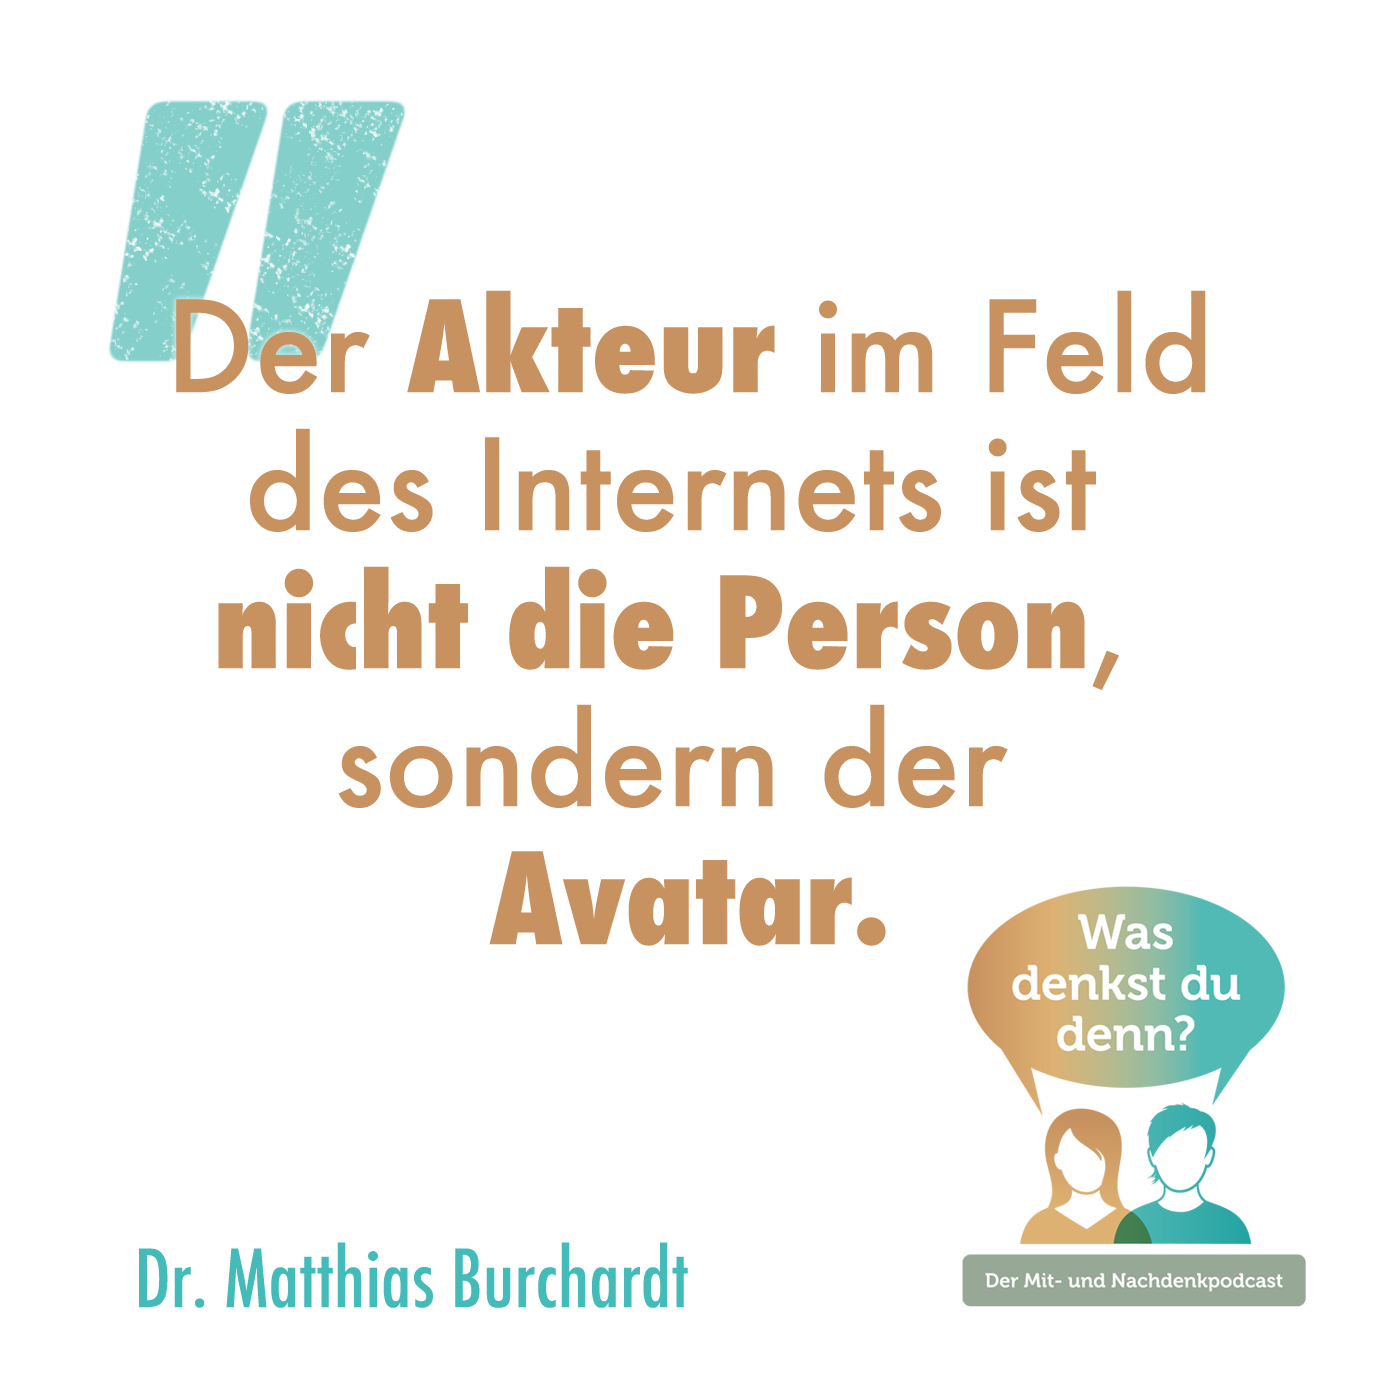 Zitat von Dr. Matthias Burchardt: Der Akteur im Feld des Internets ist nicht die Person, sondern der Avatar.